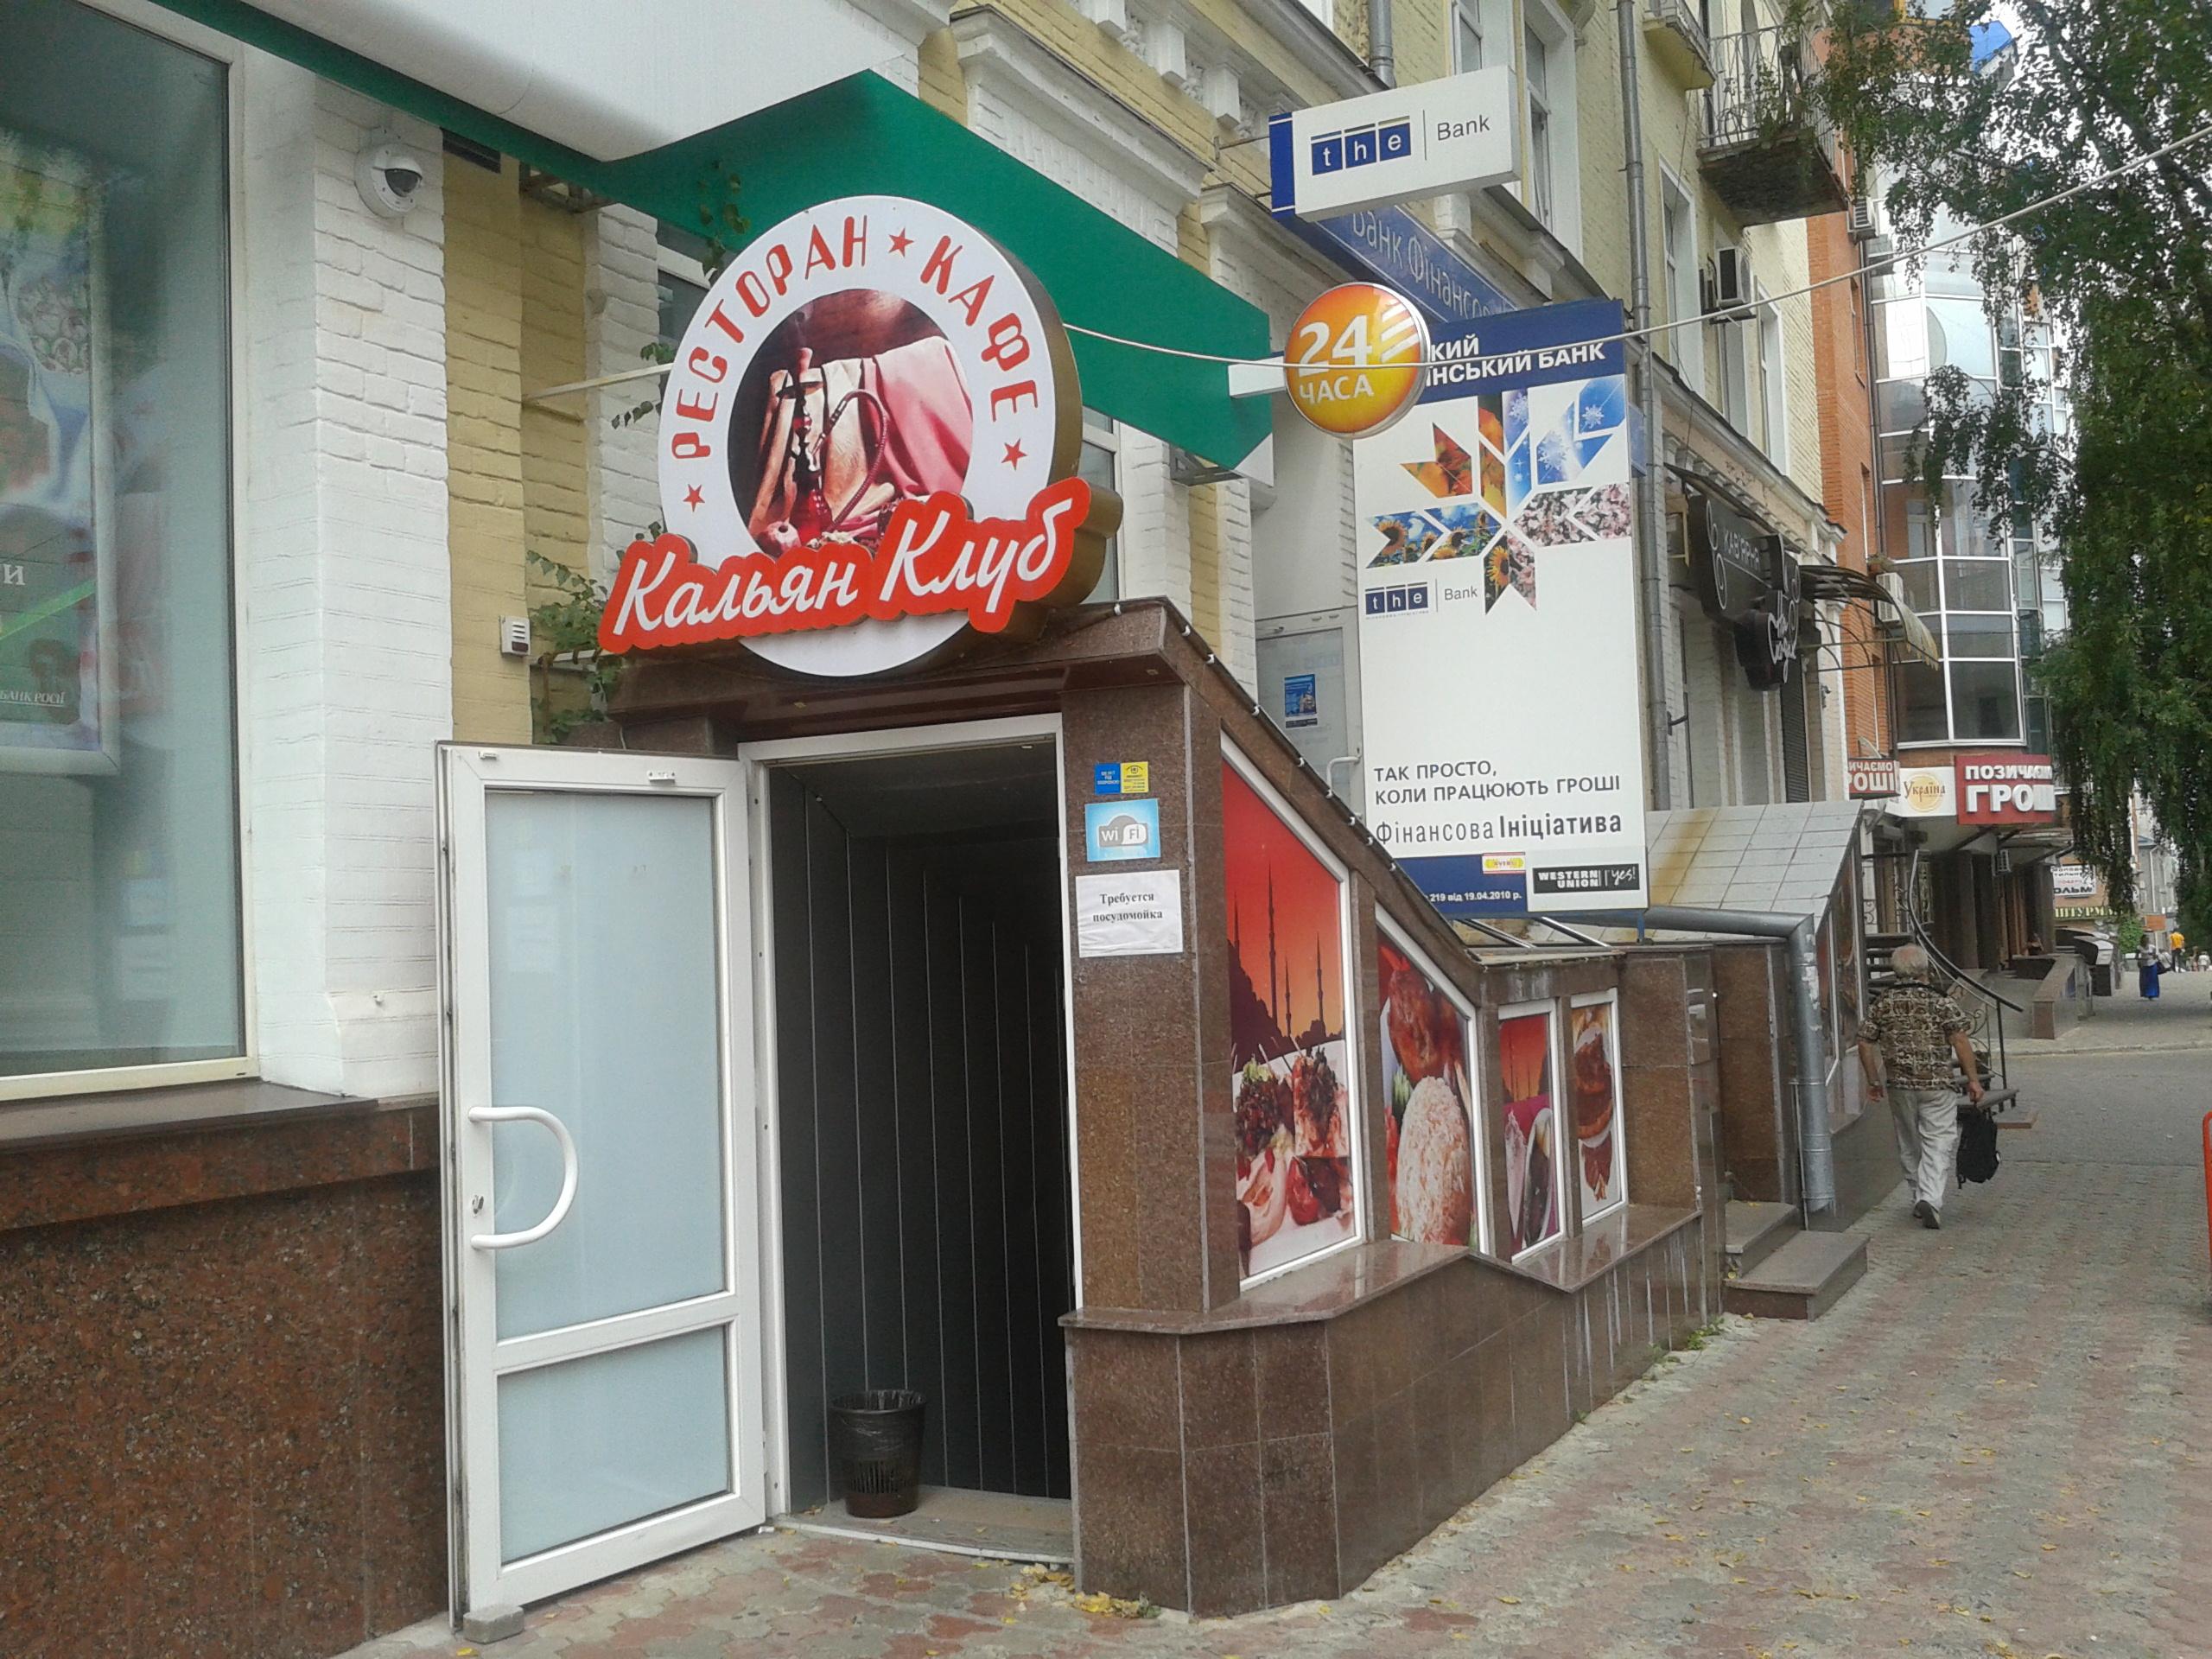 Кальян клуб - Kalian Club